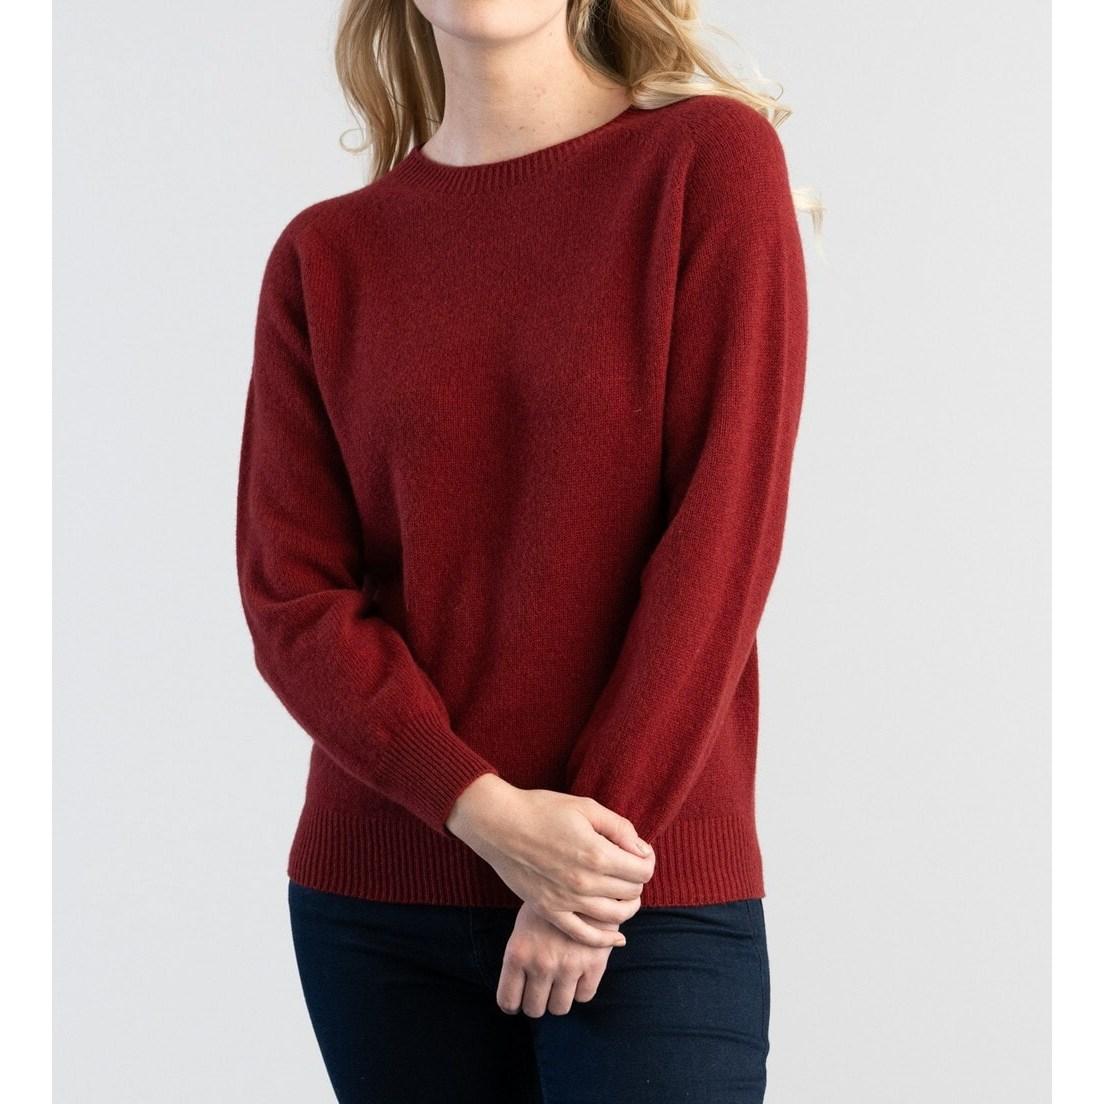 할리 오브 스코틀랜드 HARLEY OF SCOTLAND 여성 크루넥 스웨터 여자 니트